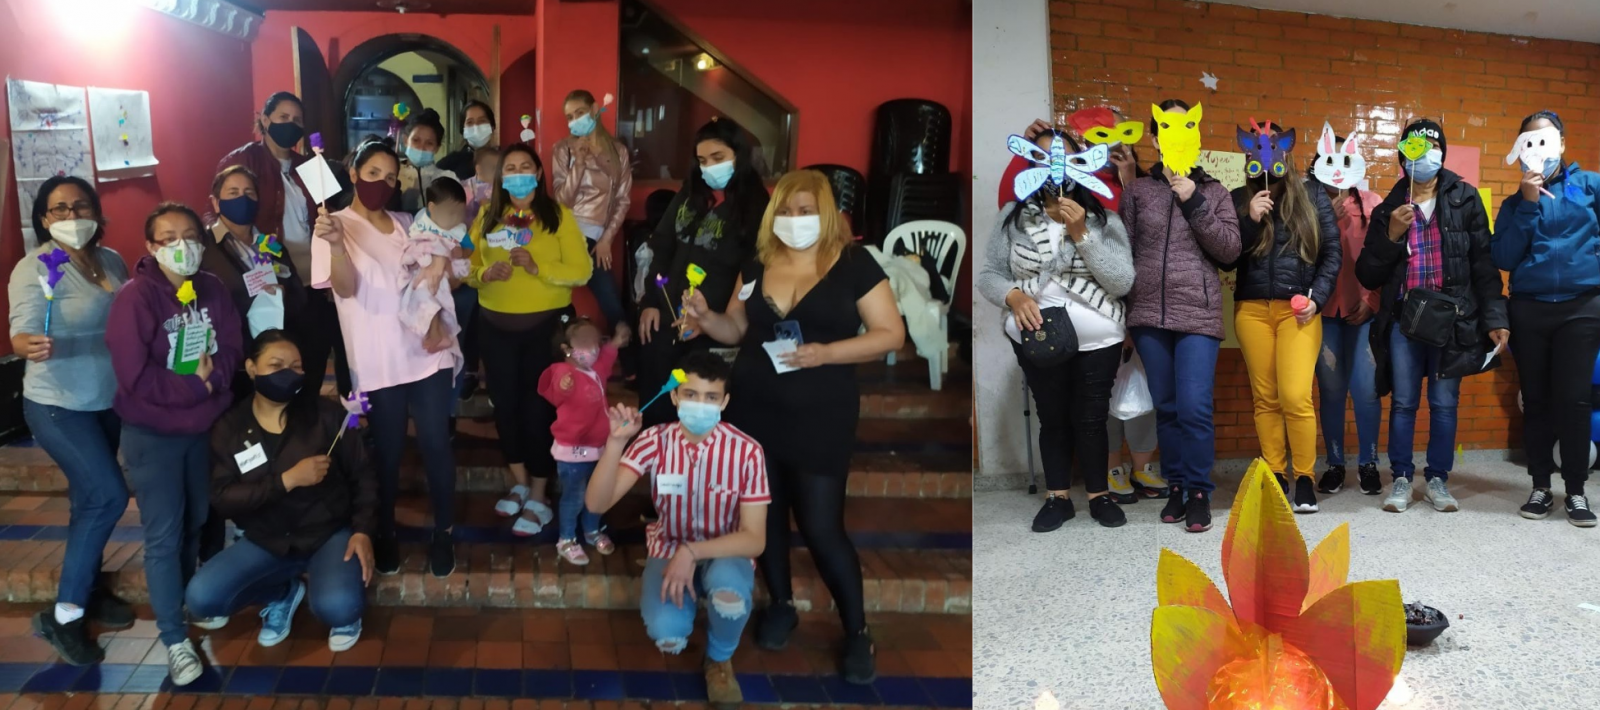 En una actividad grupal, las mujeres participan en un taller de sanación emocional.  Actividad de mascaras, un espacio de creatividad.  Foto: Cortesía Mujeres de Nueva Luz